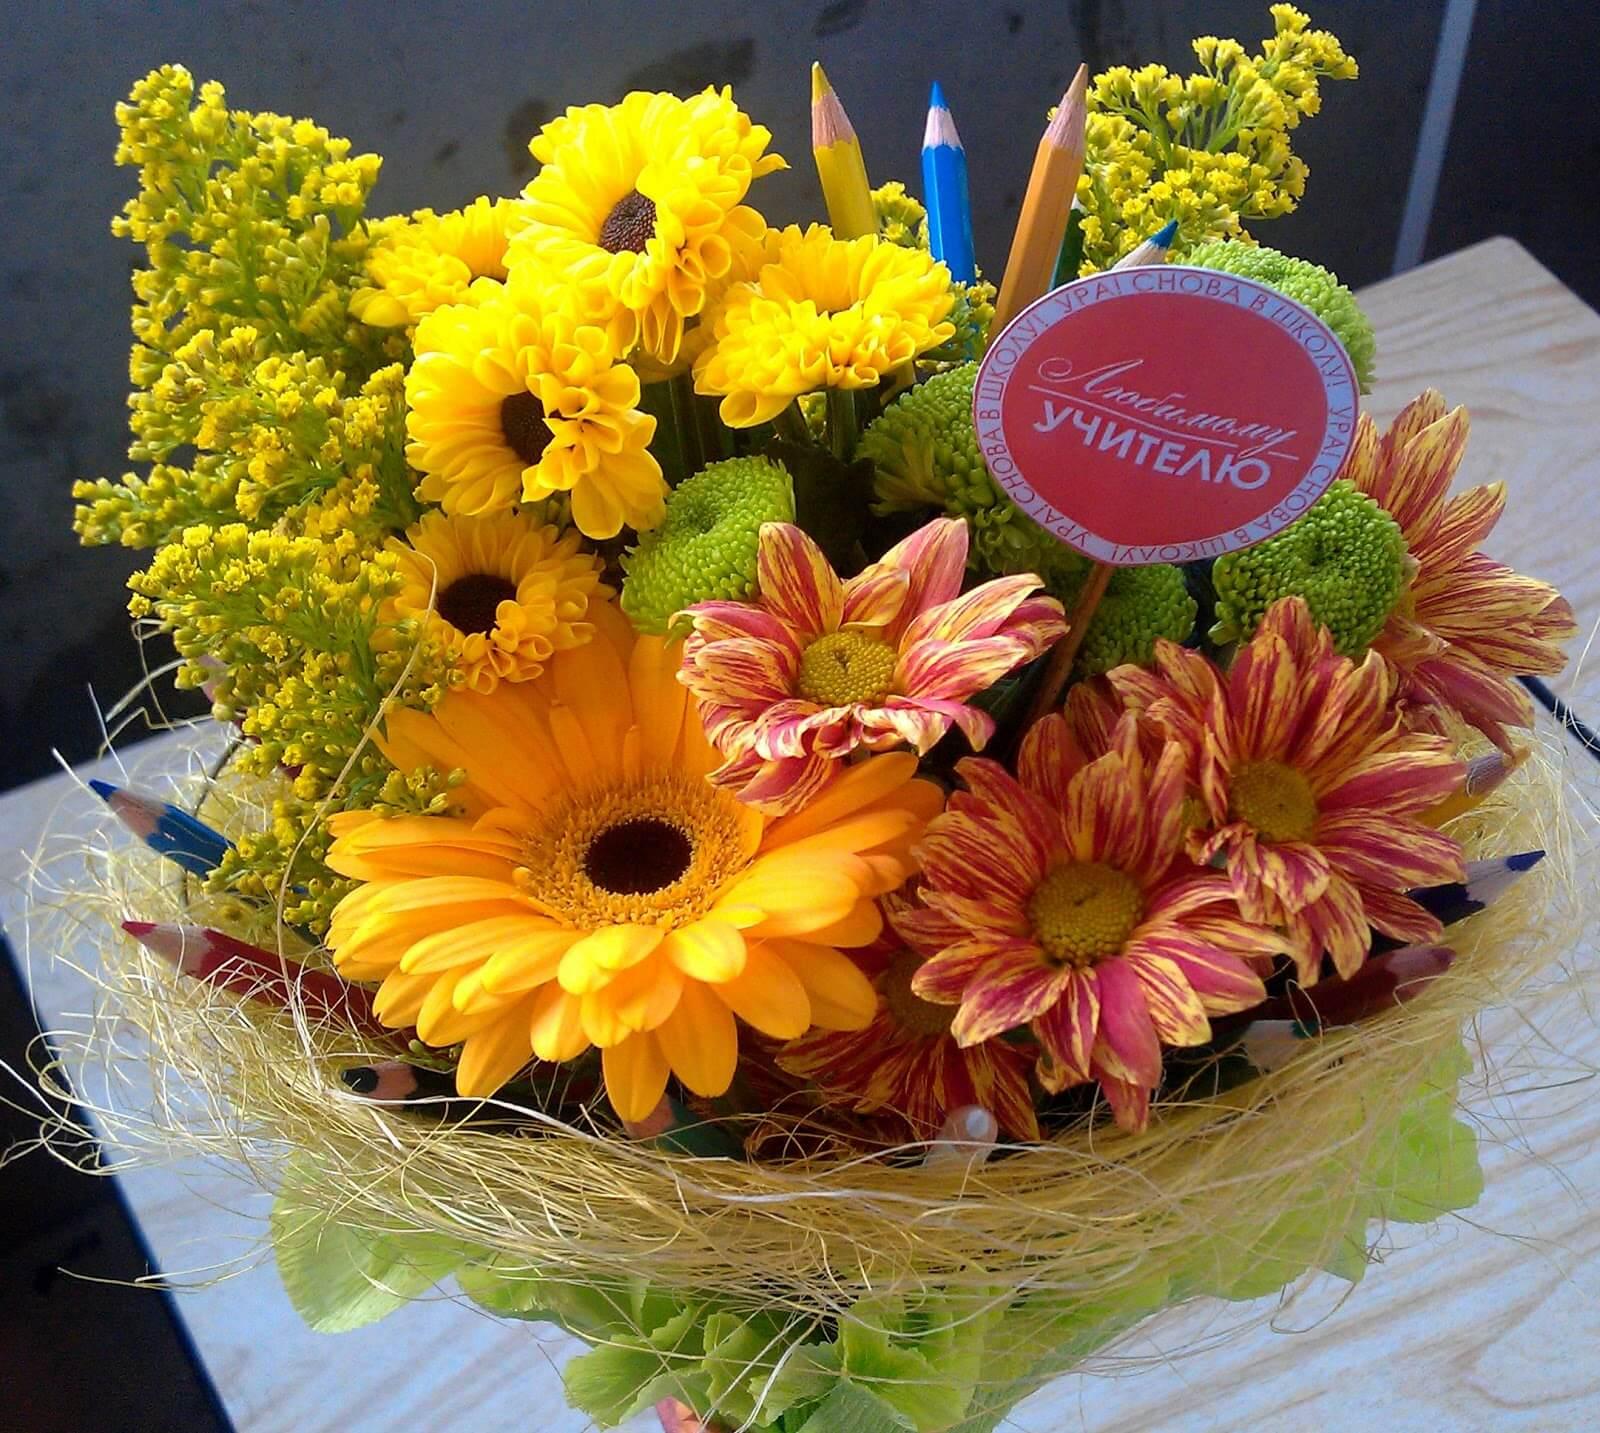 Хотите заказать букет для учителя с услугой доставка цветов по Харькову?